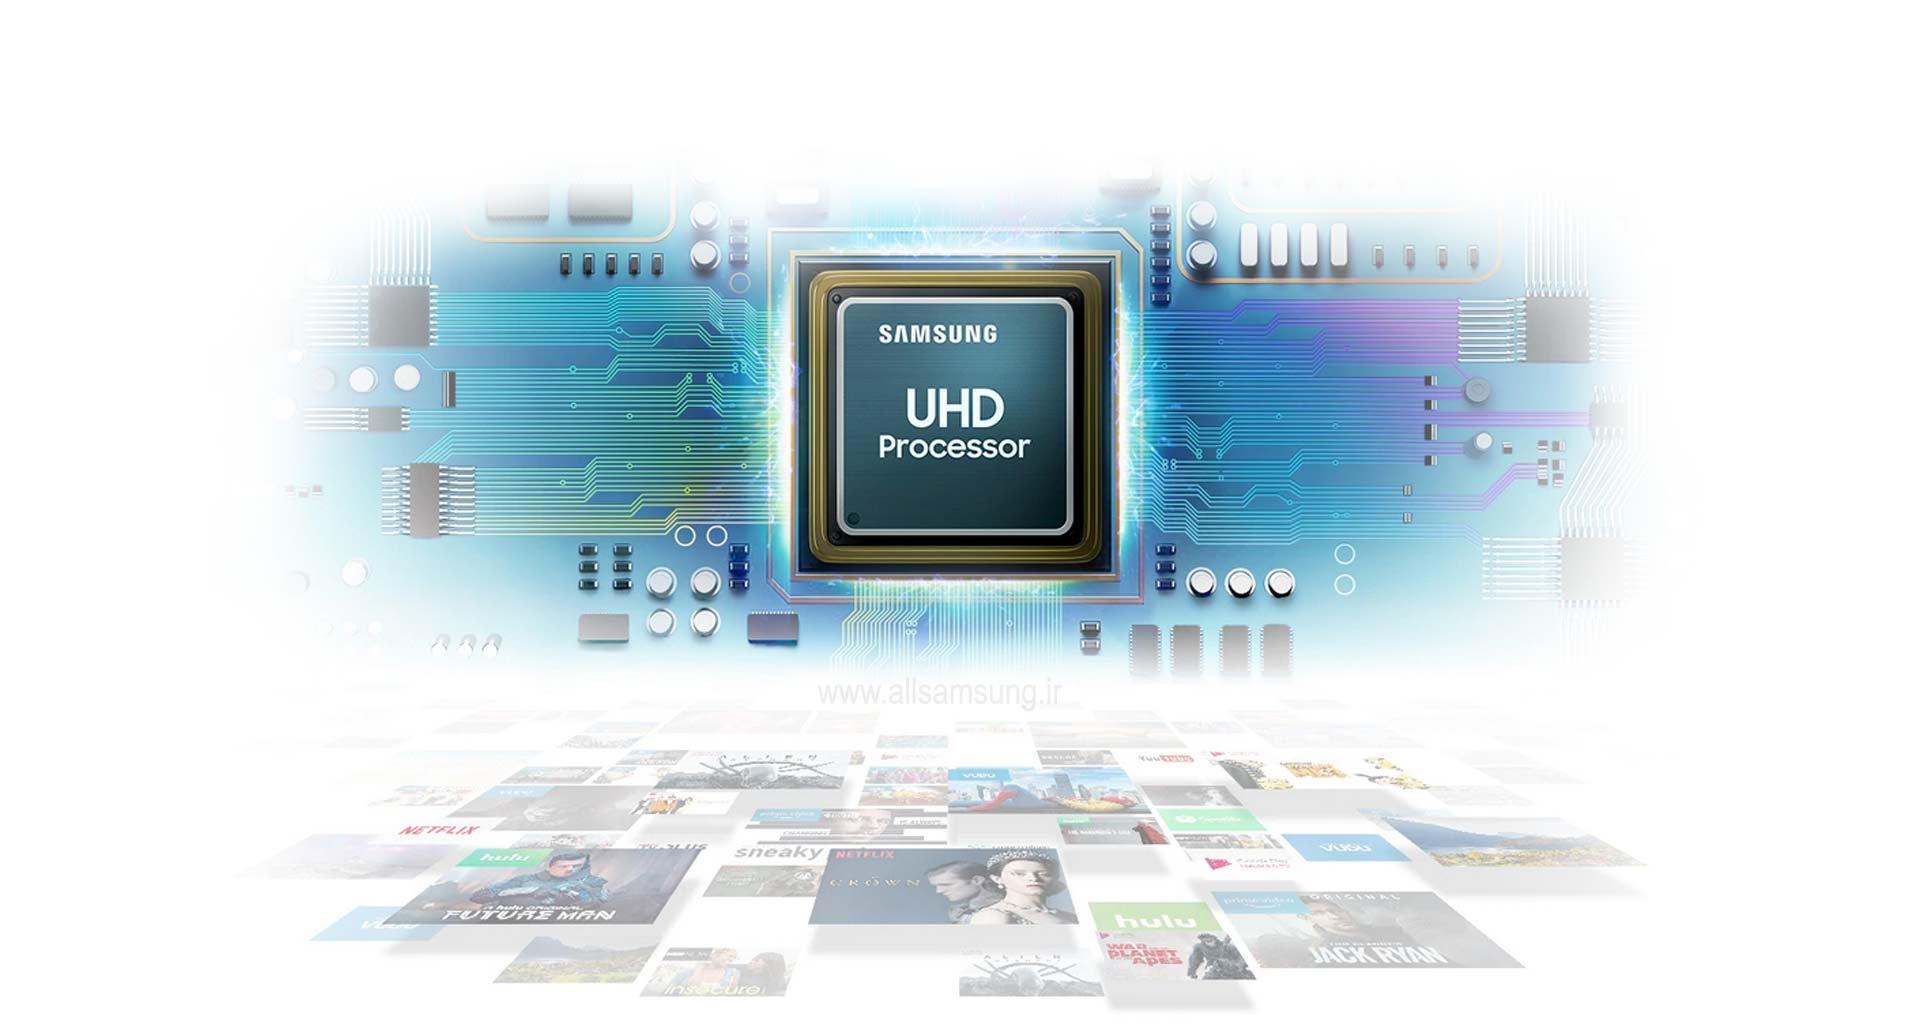 تلویزیون مدل 2019 سامسونگ با پردازنده UHD